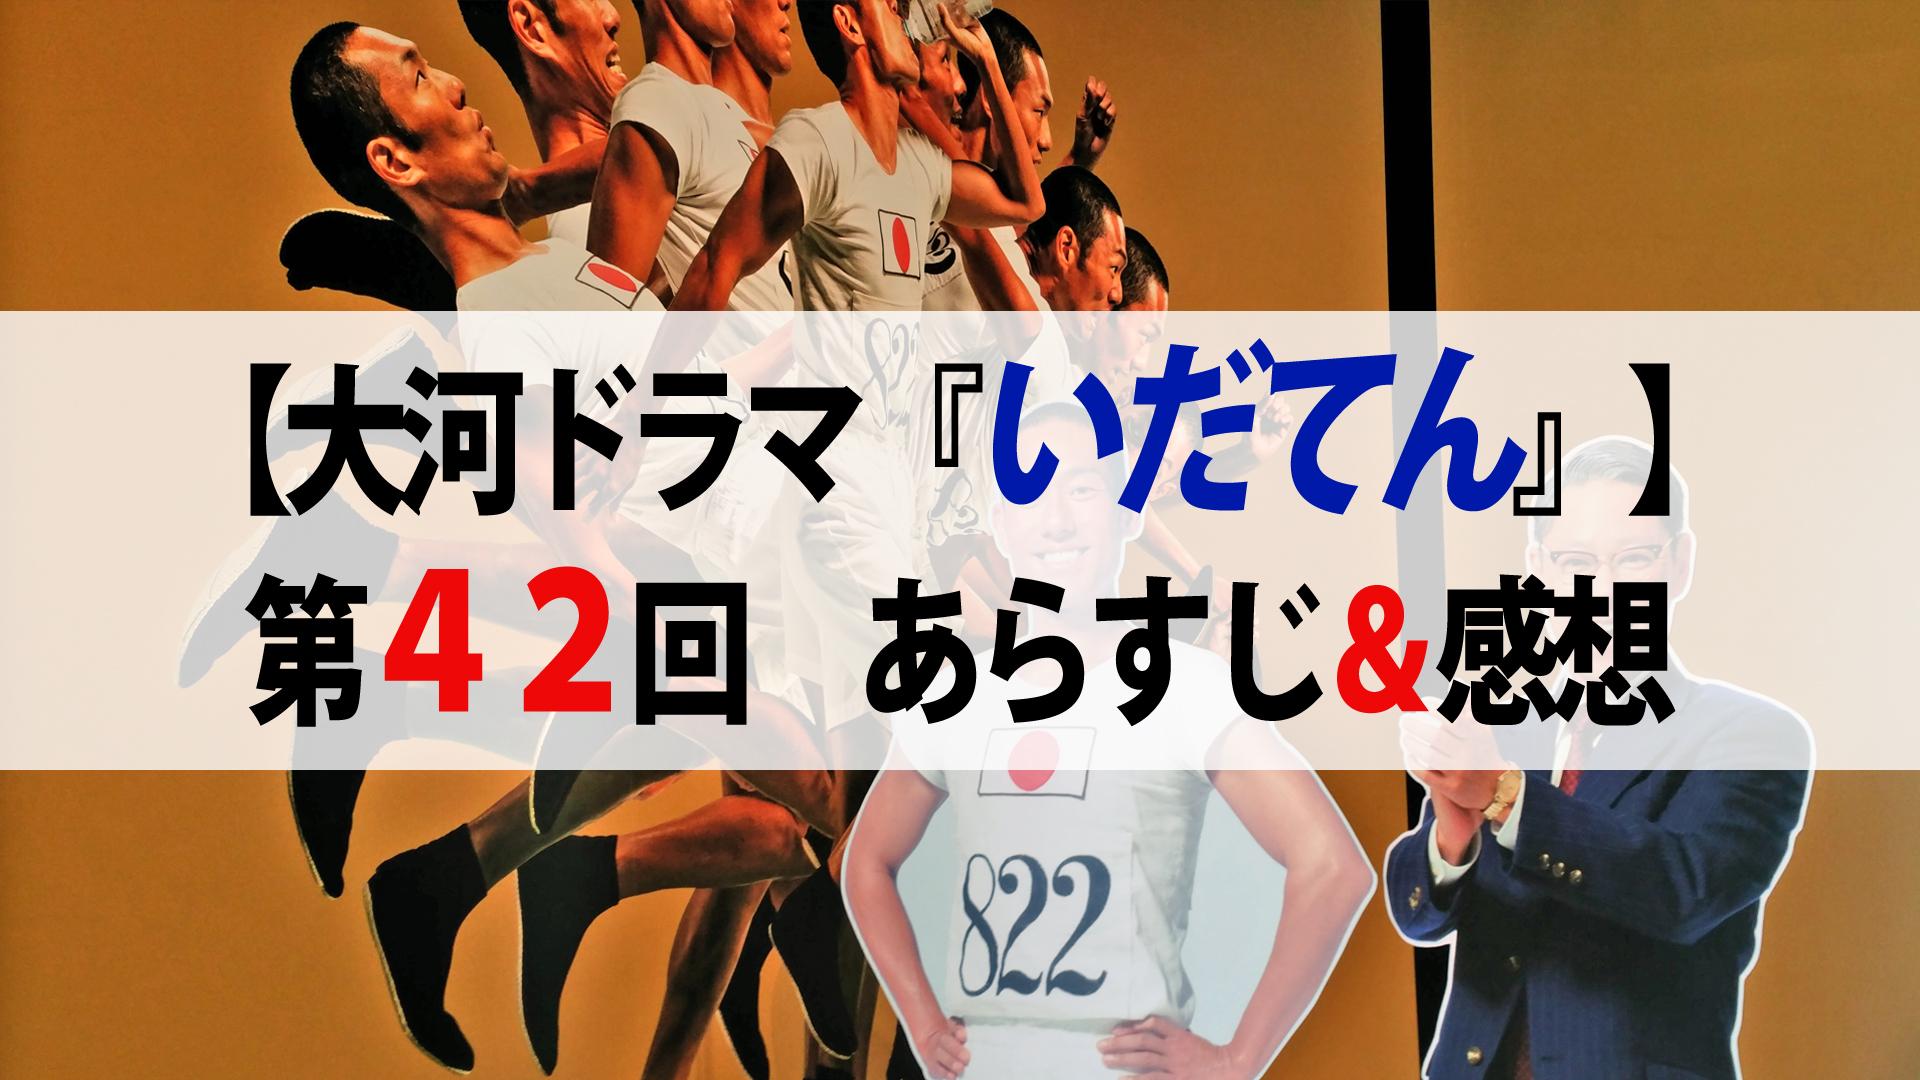 【大河ドラマ『いだてん』】第42回『東京流れ者』あらすじ&感想